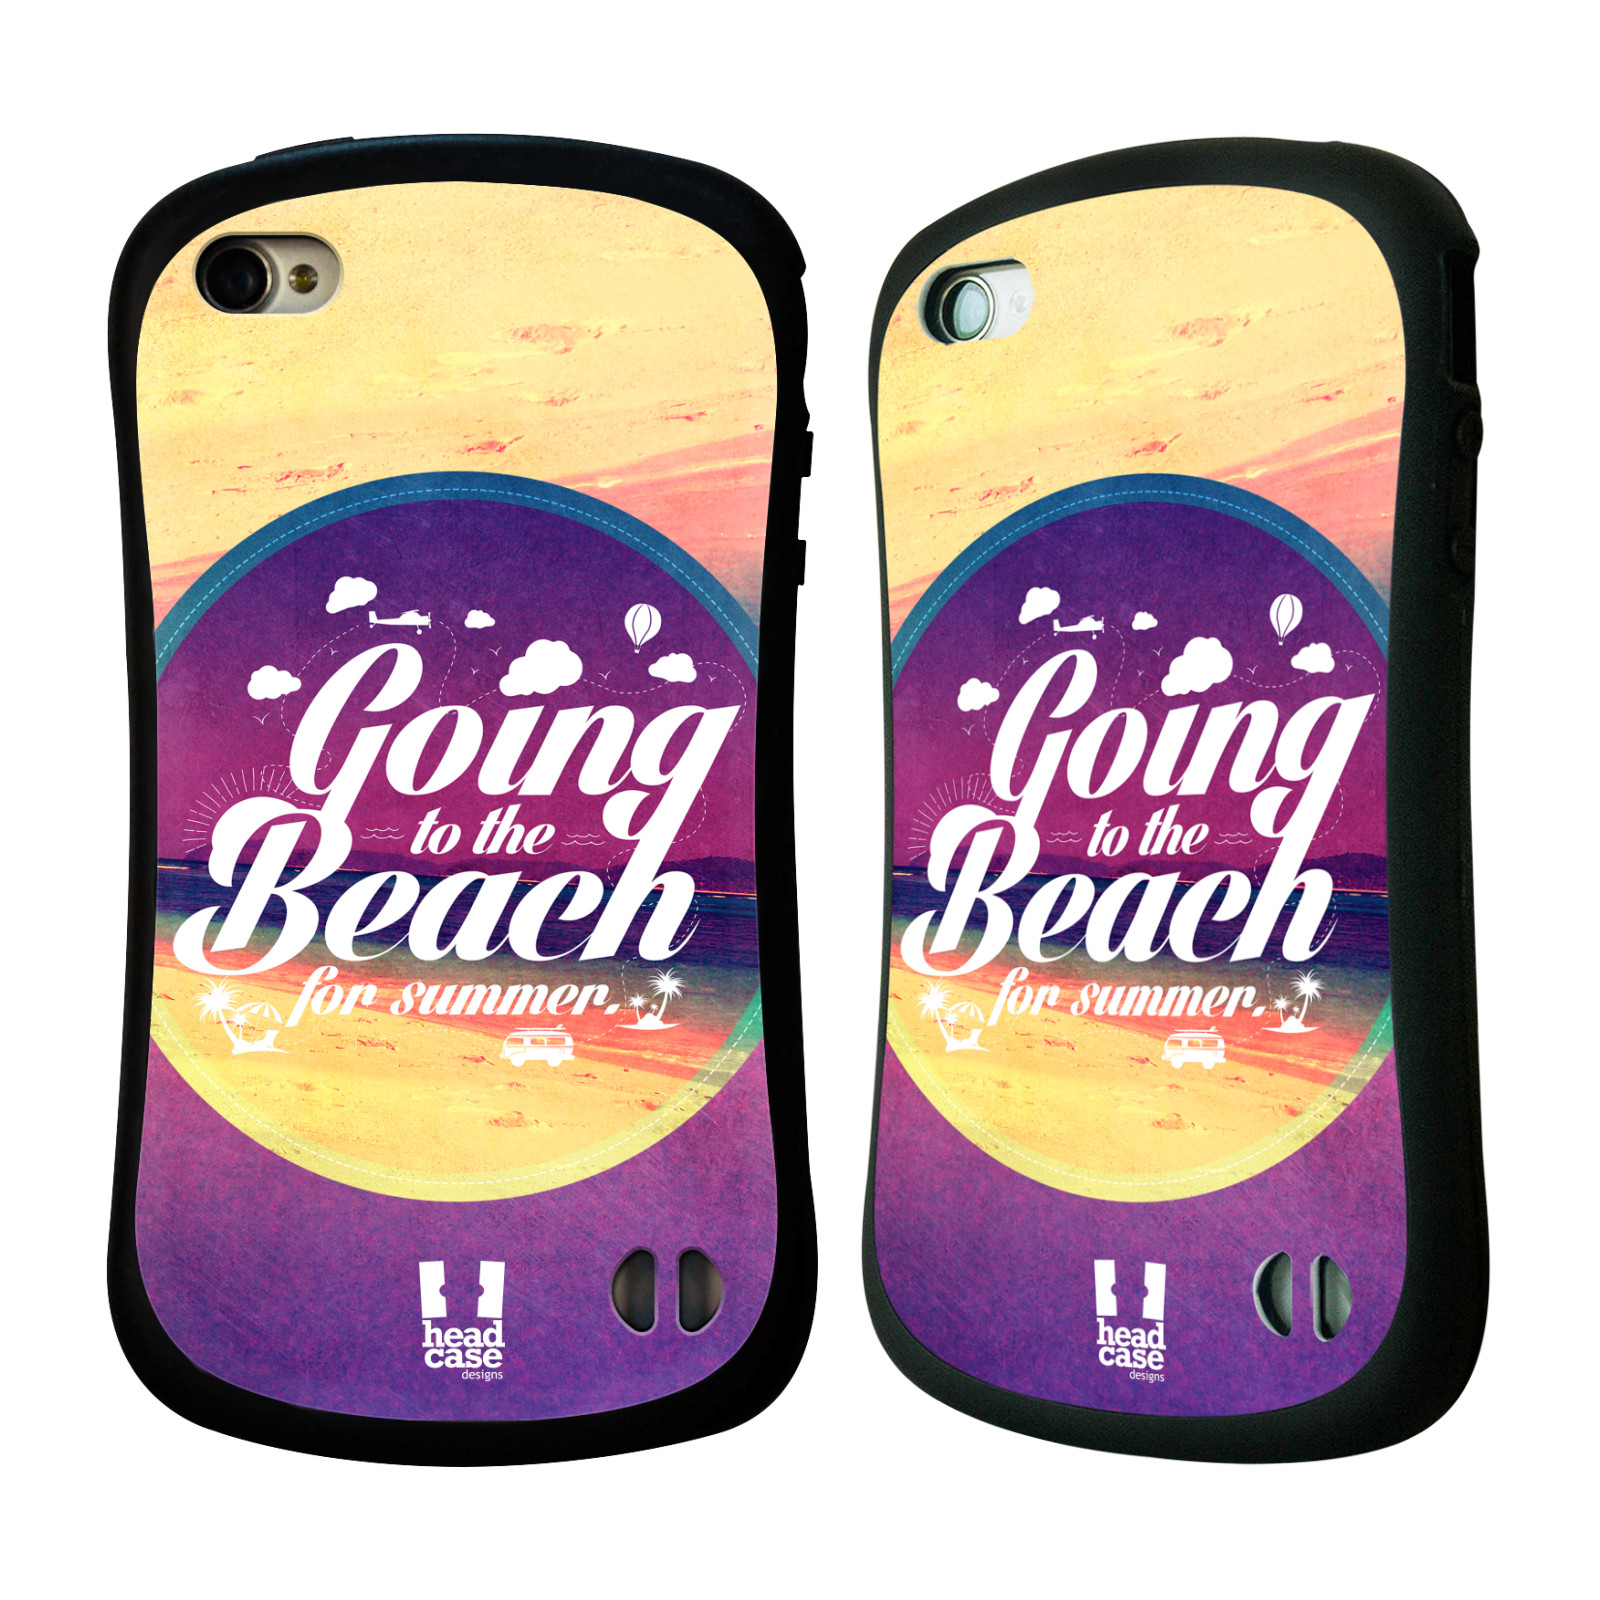 Nárazuvzdorné pouzdro na mobil Apple iPhone 4 a 4S HEAD CASE Léto na pláži (Odolný nárazuvzdorný silikonový kryt či obal na mobilní telefon Apple iPhone 4 a 4S)